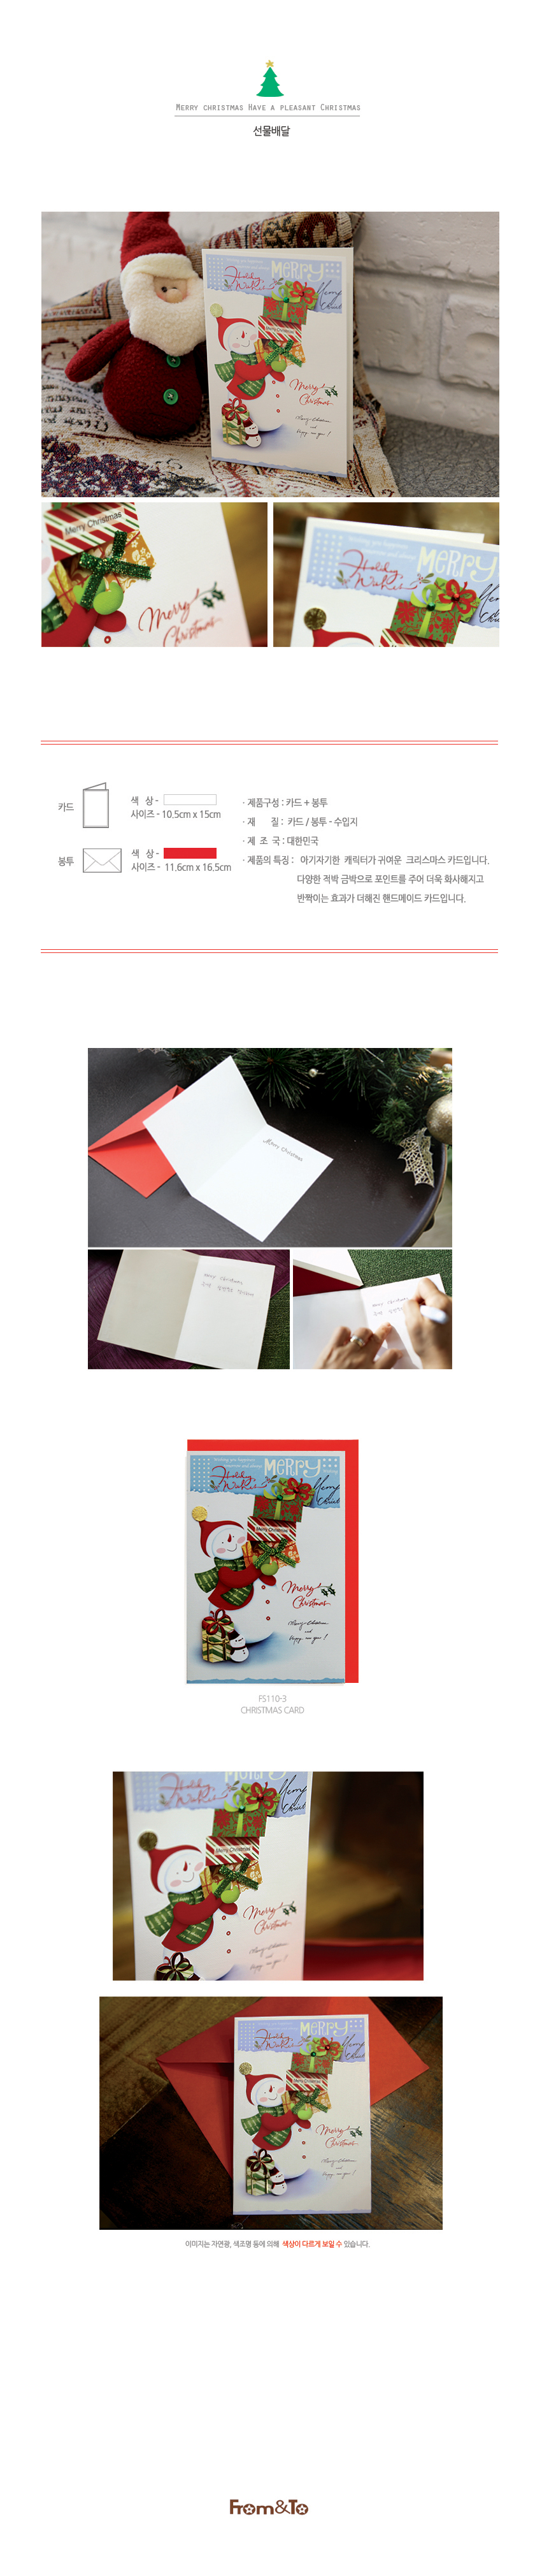 선물배달 FS110-3 - 프롬앤투, 1,000원, 카드, 크리스마스 카드